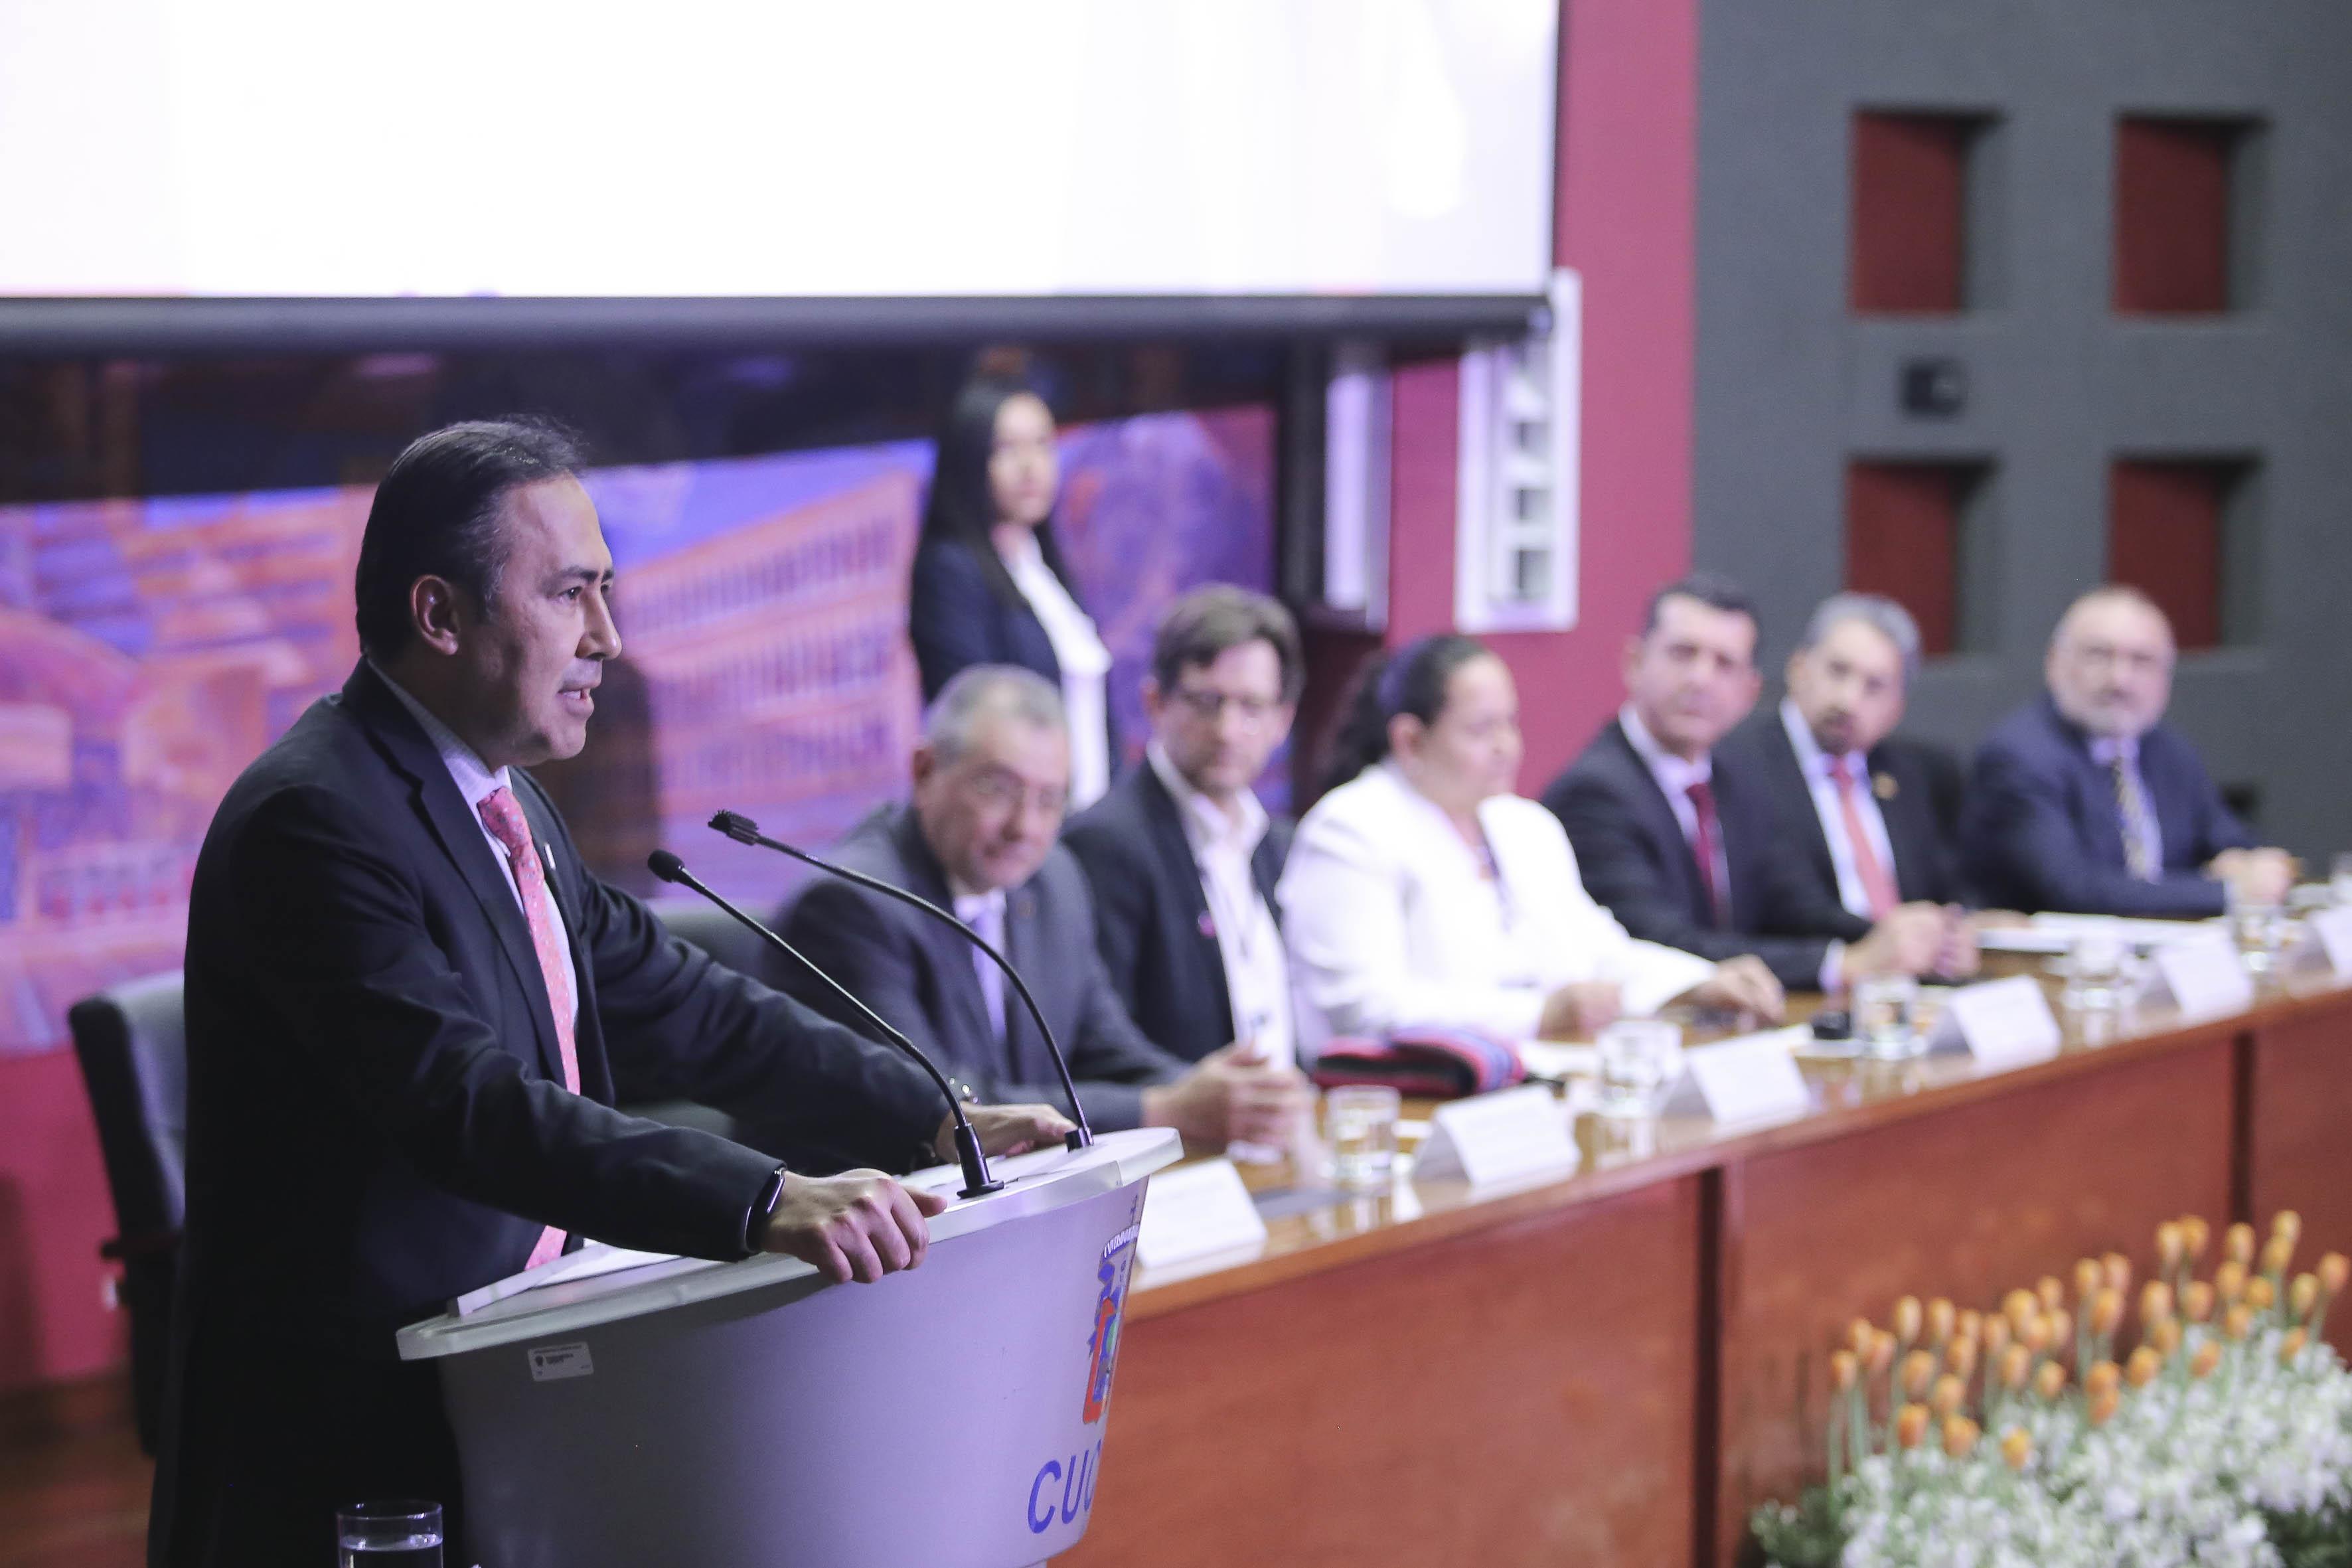 Rector del CUCS dando mensaje de bienvenida en inauguración de ÚRSULA